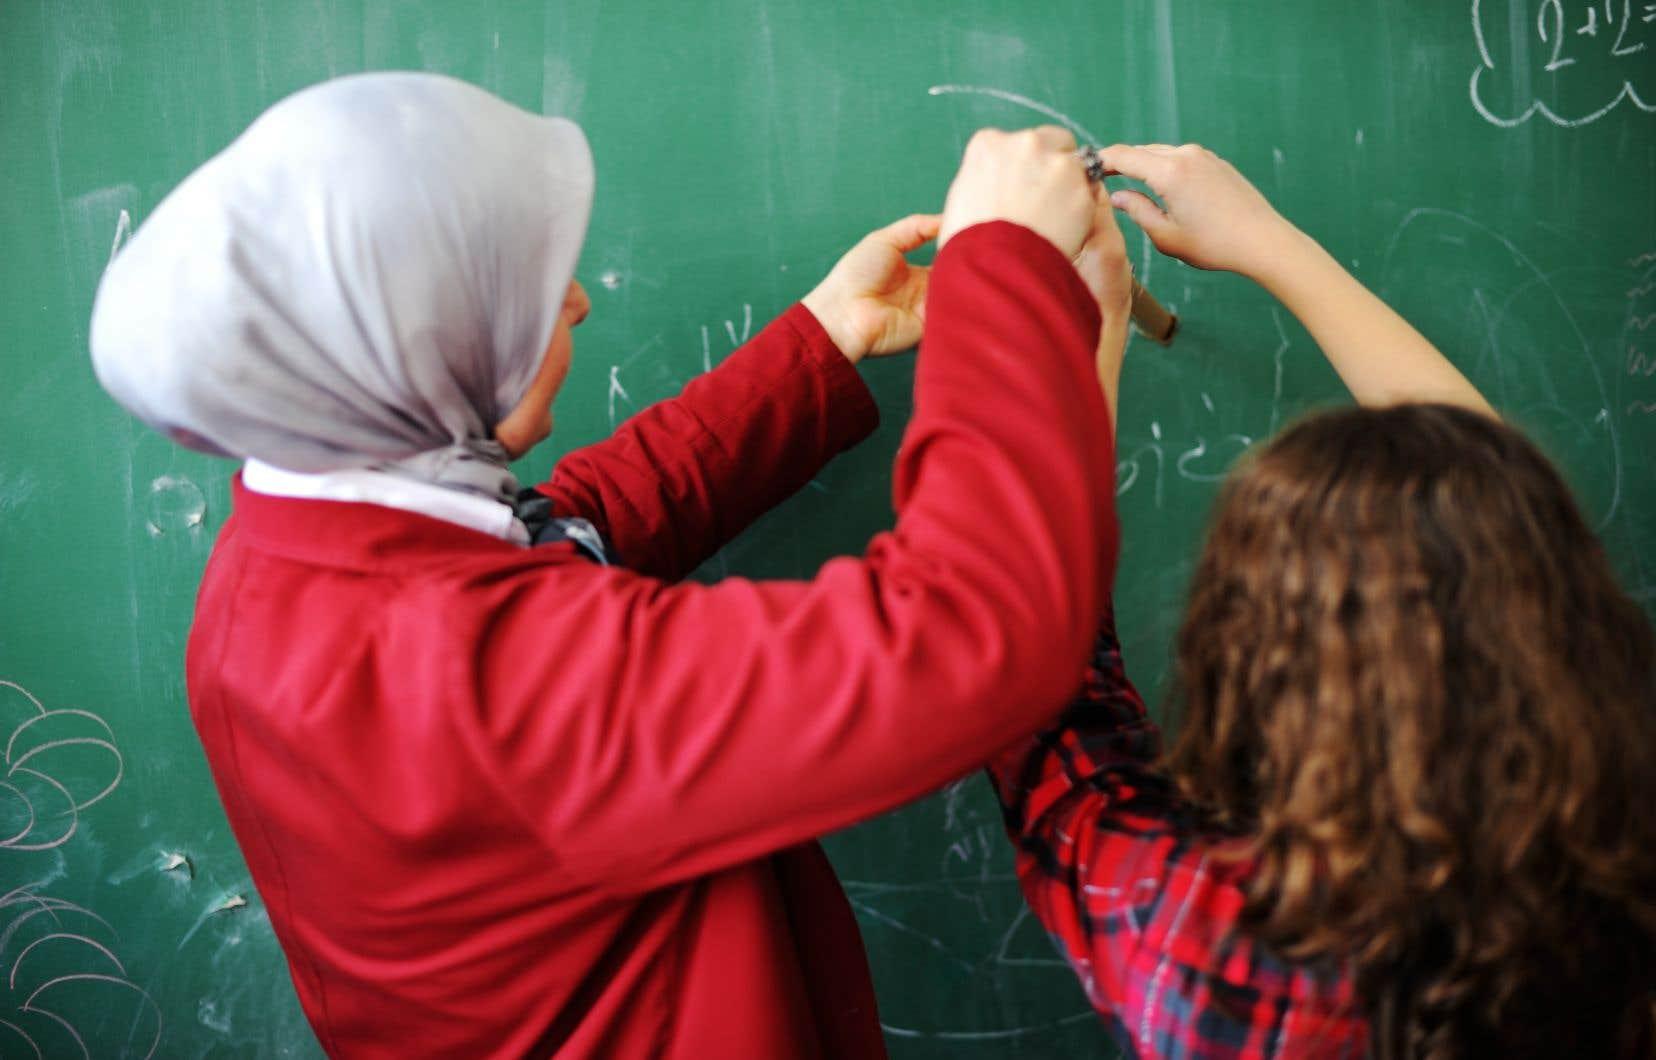 «L'égalité entre les femmes et les hommes est une valeur à protéger autant dans les écoles francophones que dans les établissements anglophones; il s'agit d'une des valeurs fondamentales du Québec», écrit l'autrice.